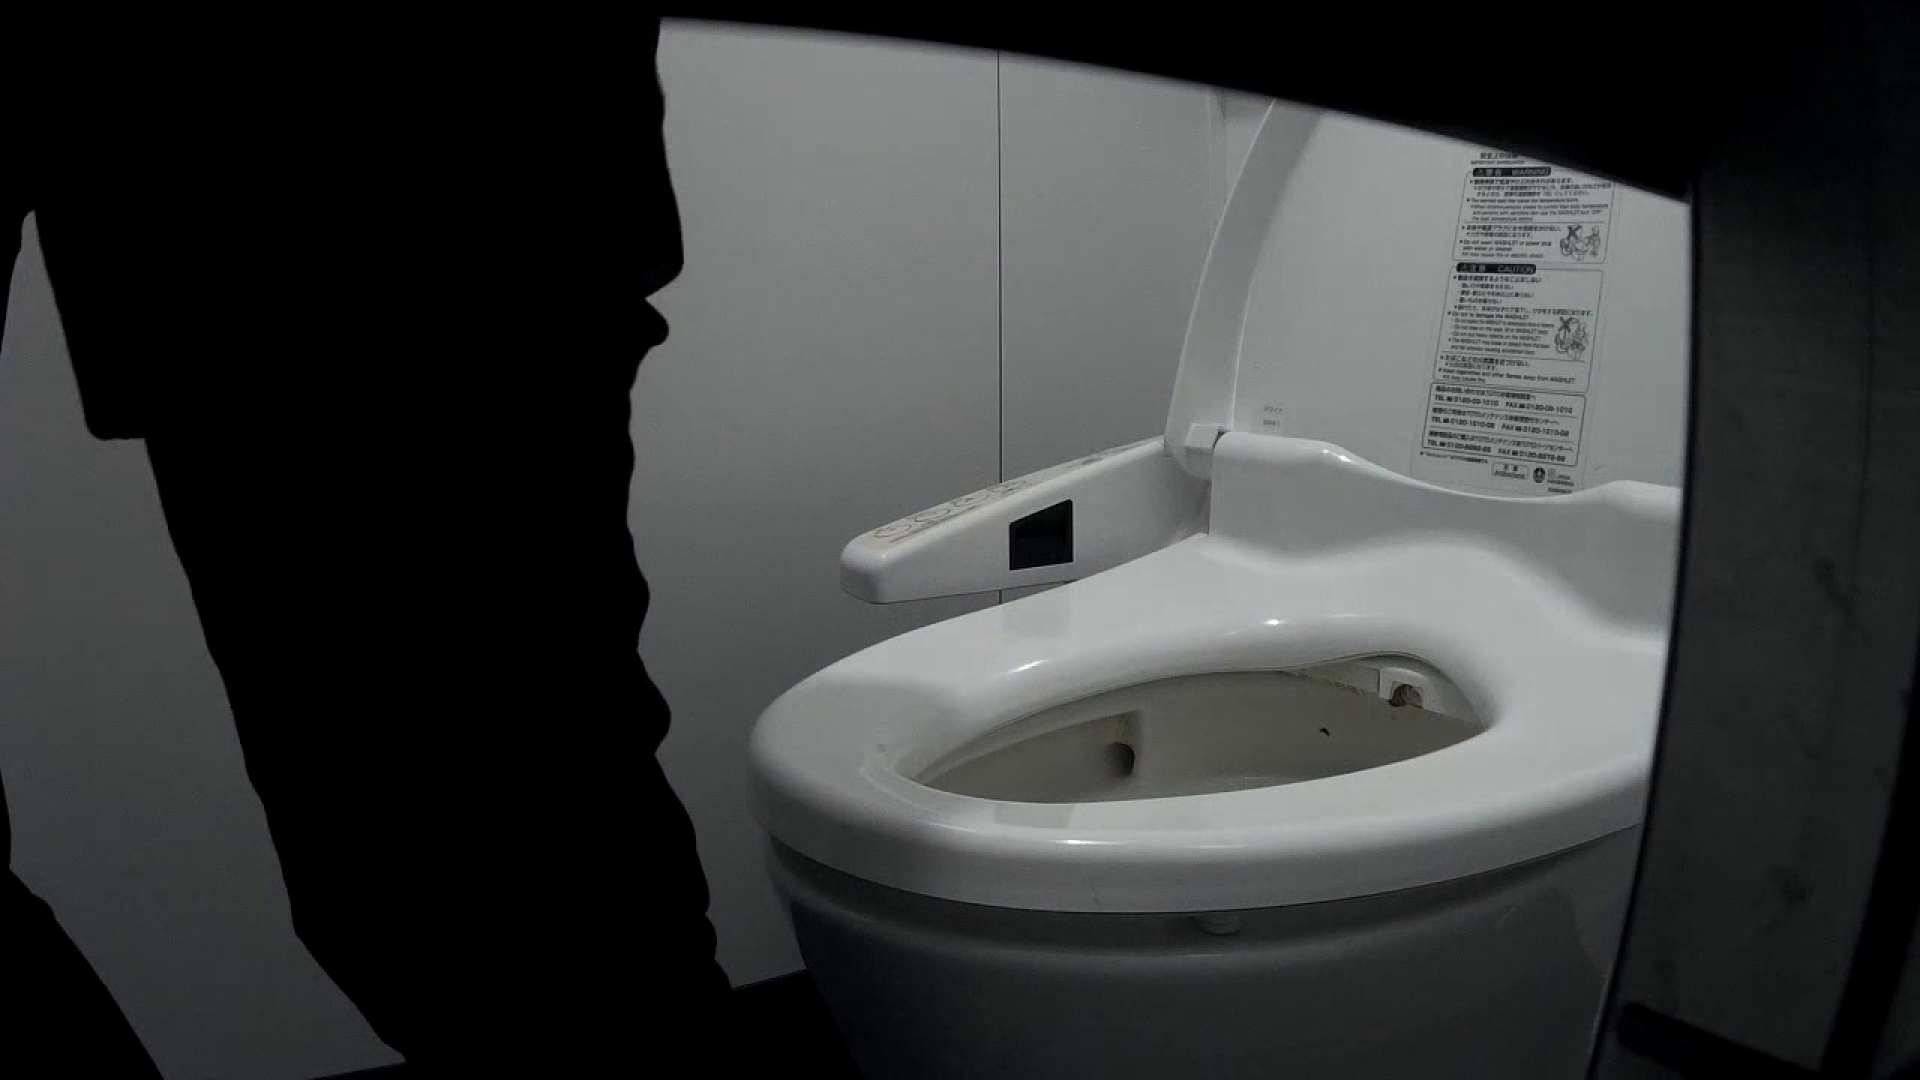 某有名大学女性洗面所 vol.34 今回は、2カメでばっちりいっちゃいました。 排泄 オマンコ無修正動画無料 83枚 26